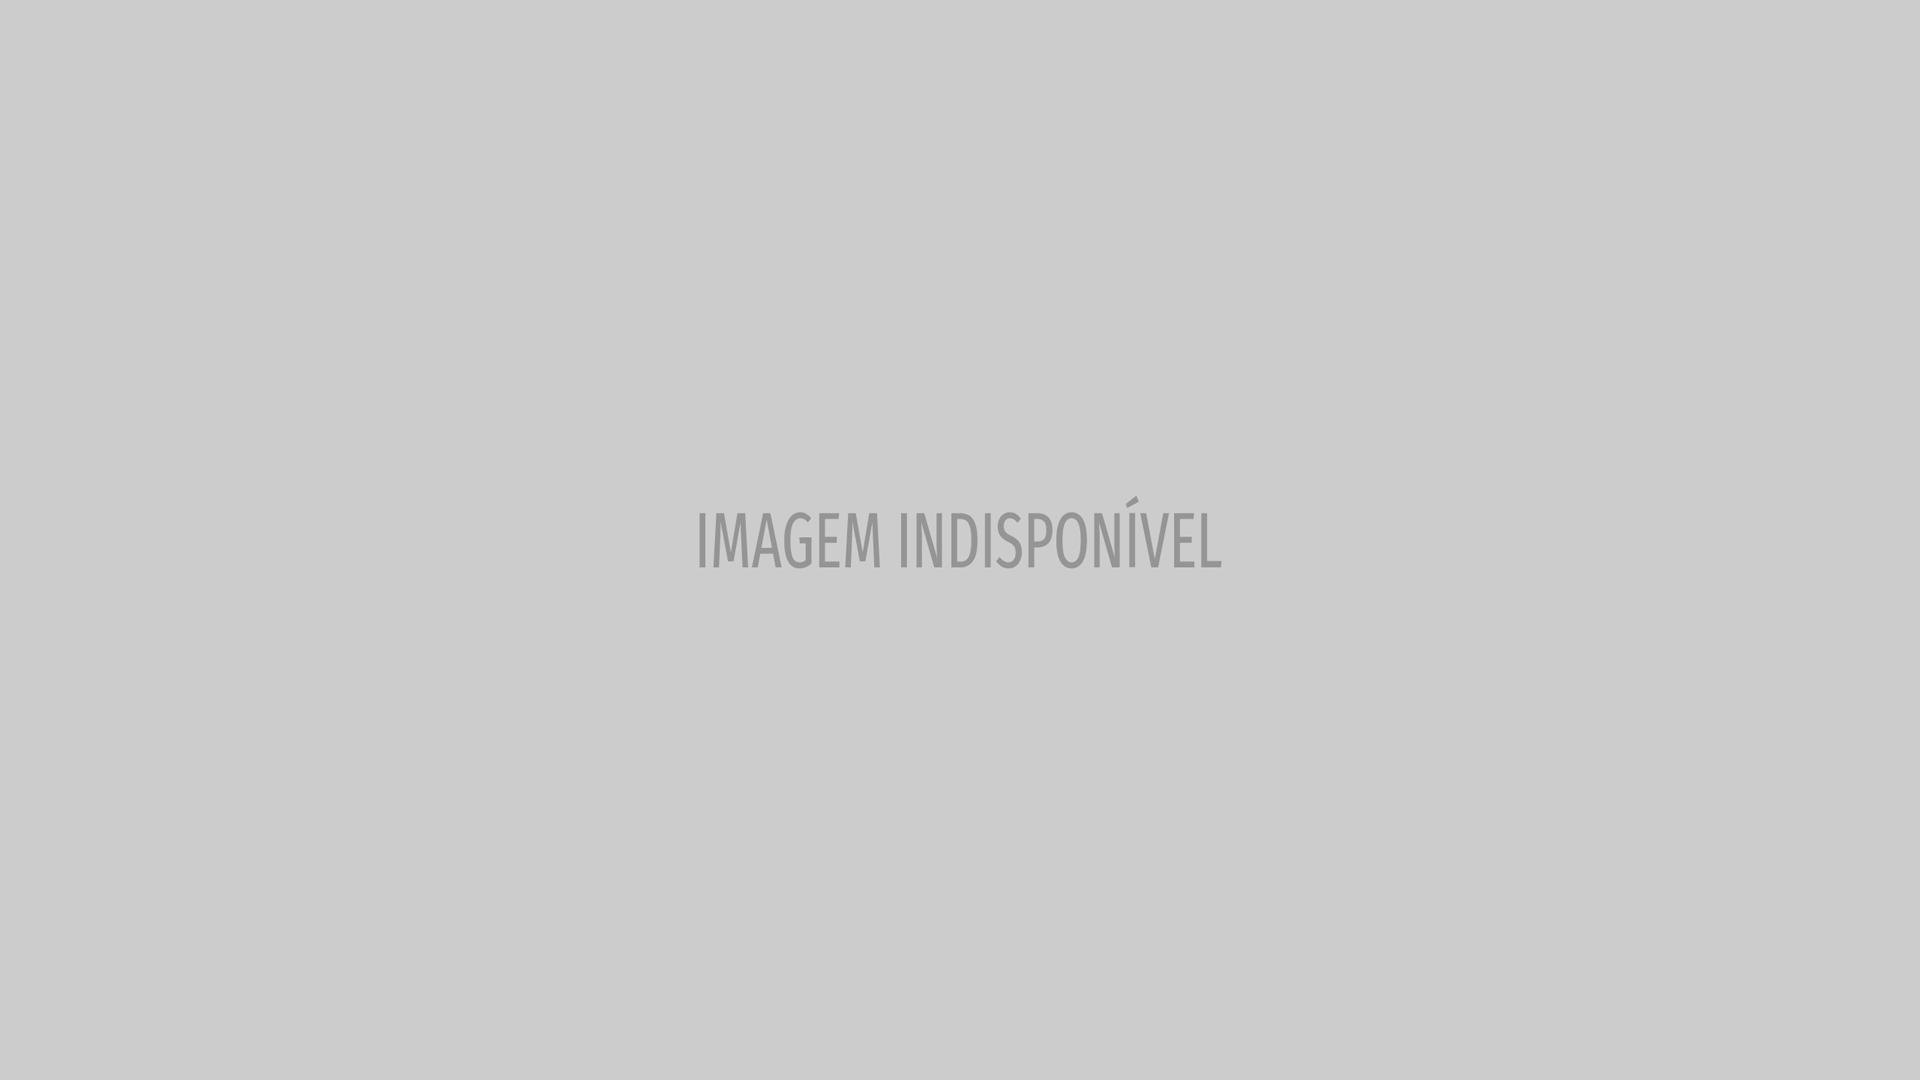 Casamentos no Cristo Redentor, como de Michelle Alves, custam R$ 2.300